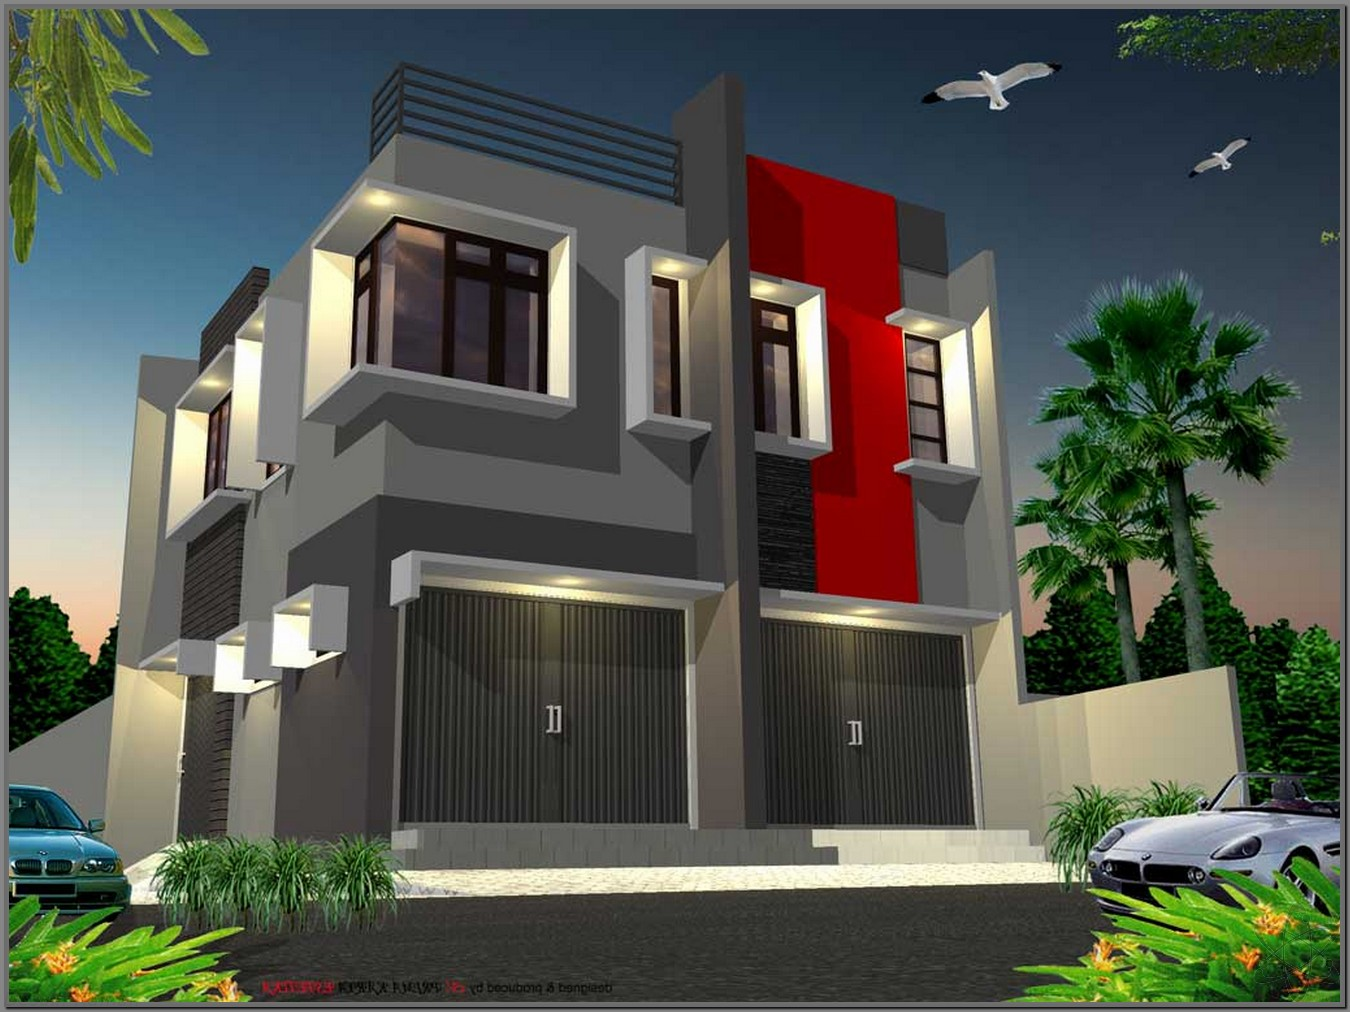 Desain Rumah Minimalis Ruko 2 Lantai Kumpulan Desain Rumah